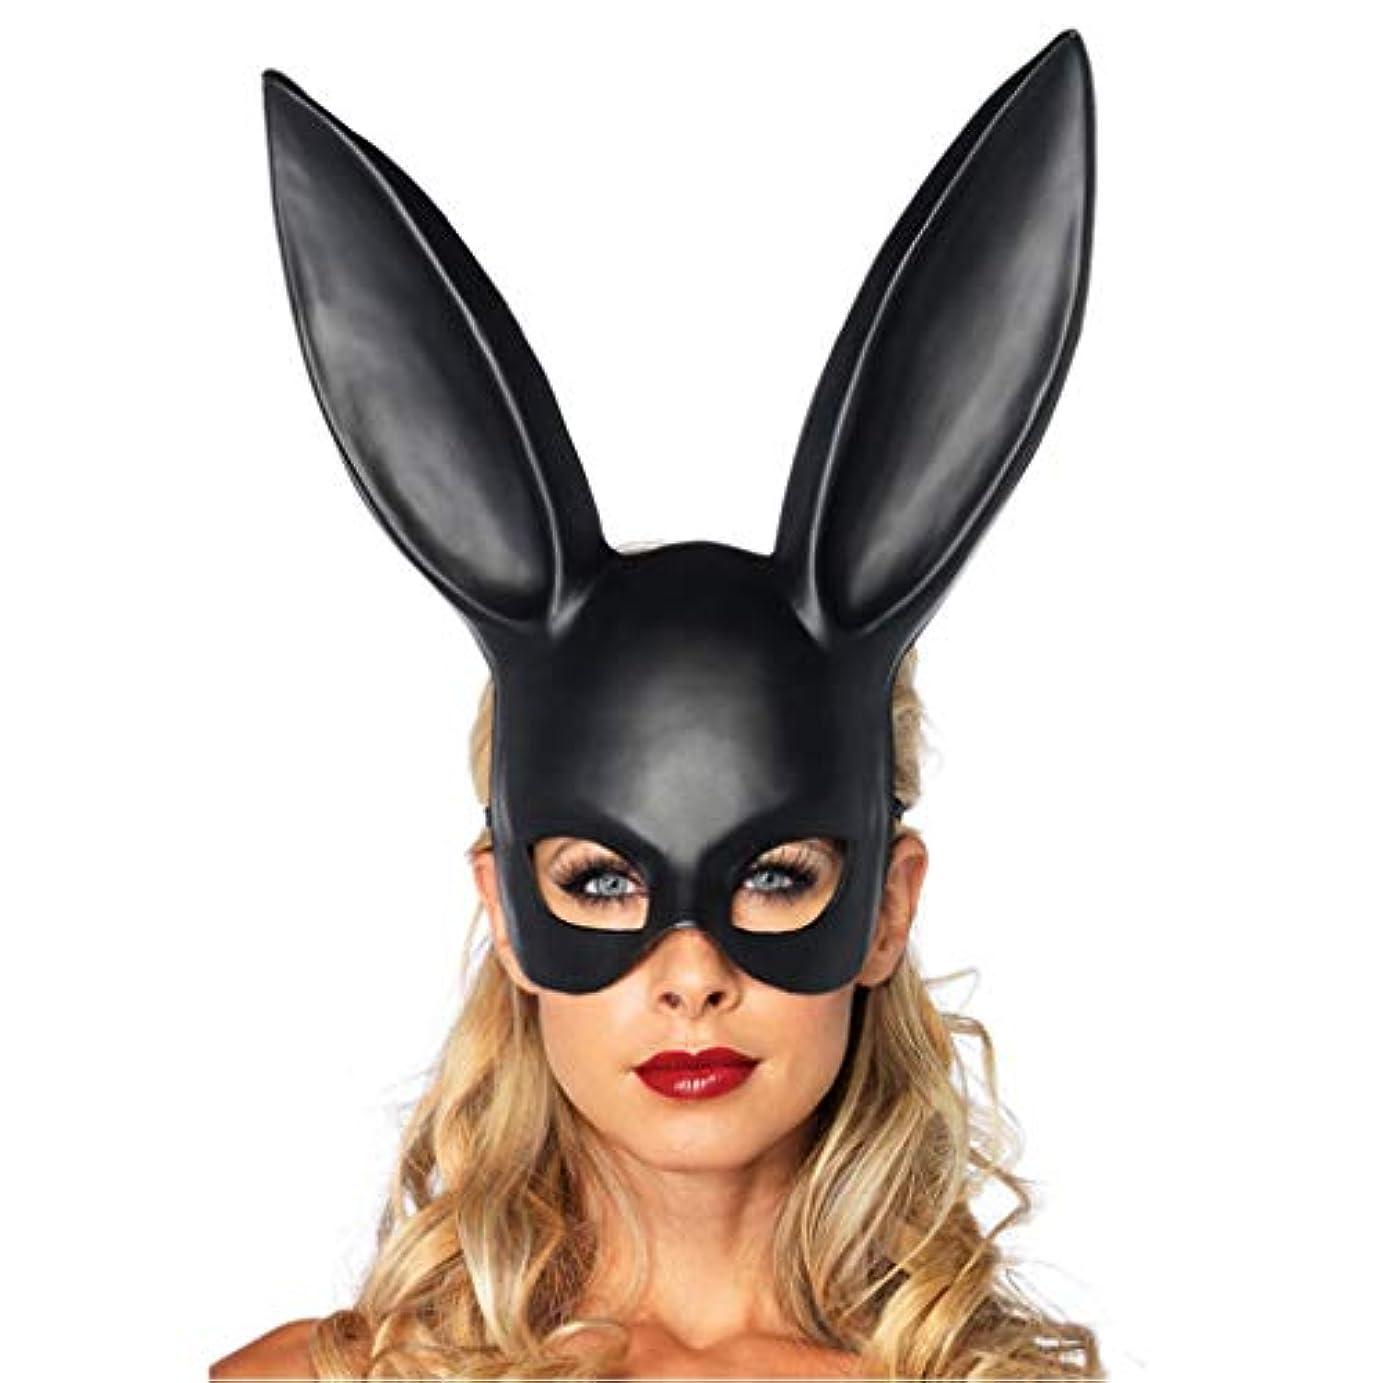 遺産稚魚言い訳ハロウィーン仮装イヤーマスクバーKTVパーティーマスクかわいいウサギのマスク (Color : A)